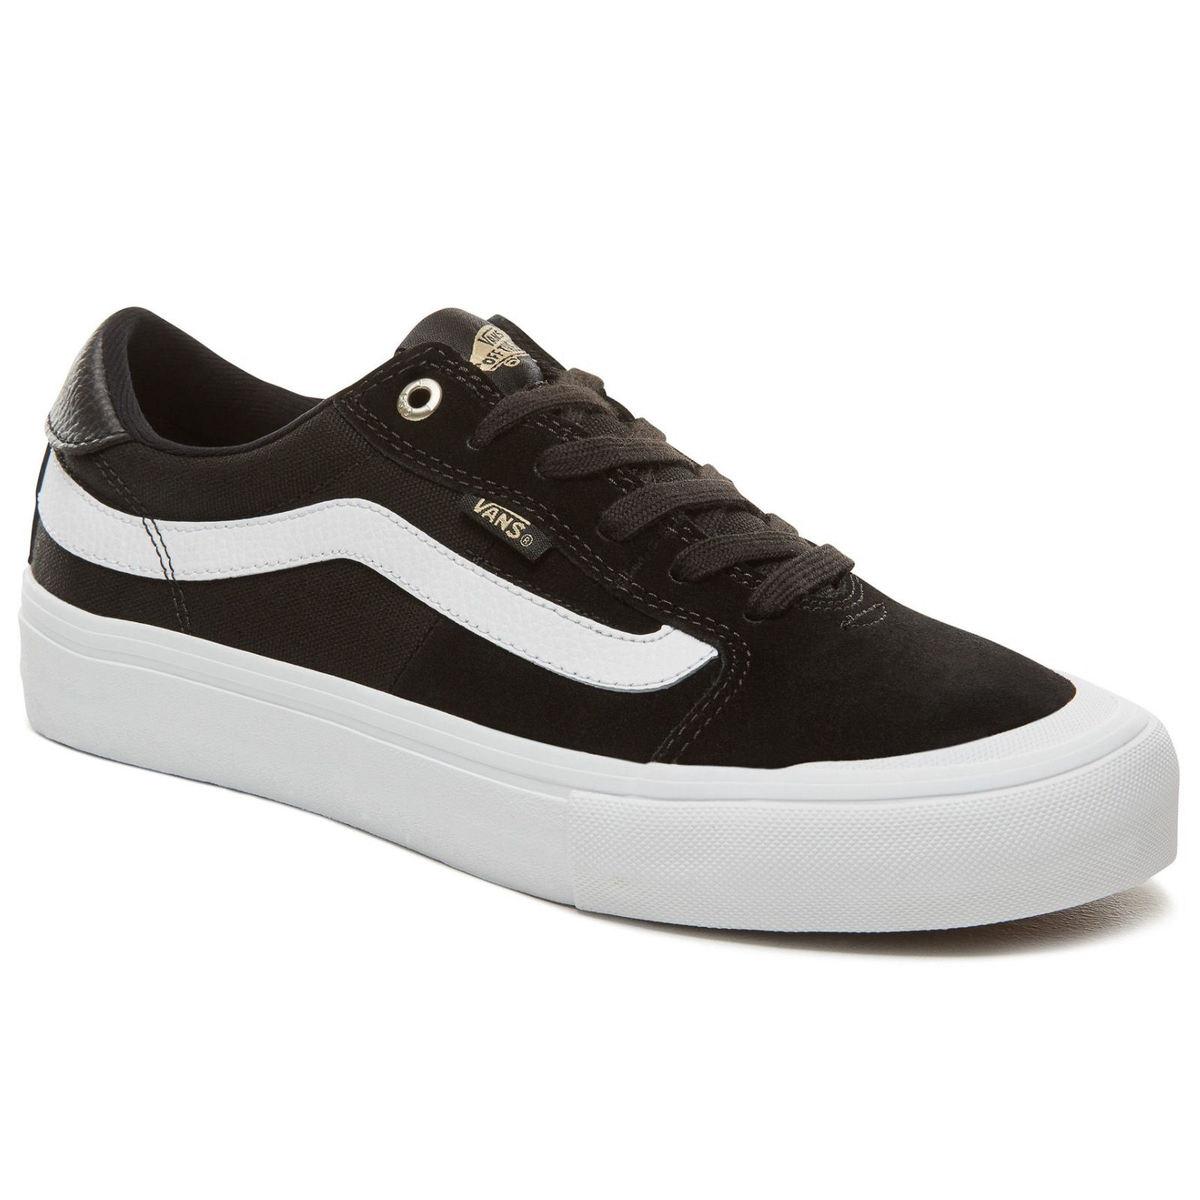 topánky pánske VANS - Style 112 Pro - Black / White / Kha - VN0A347XBEH1